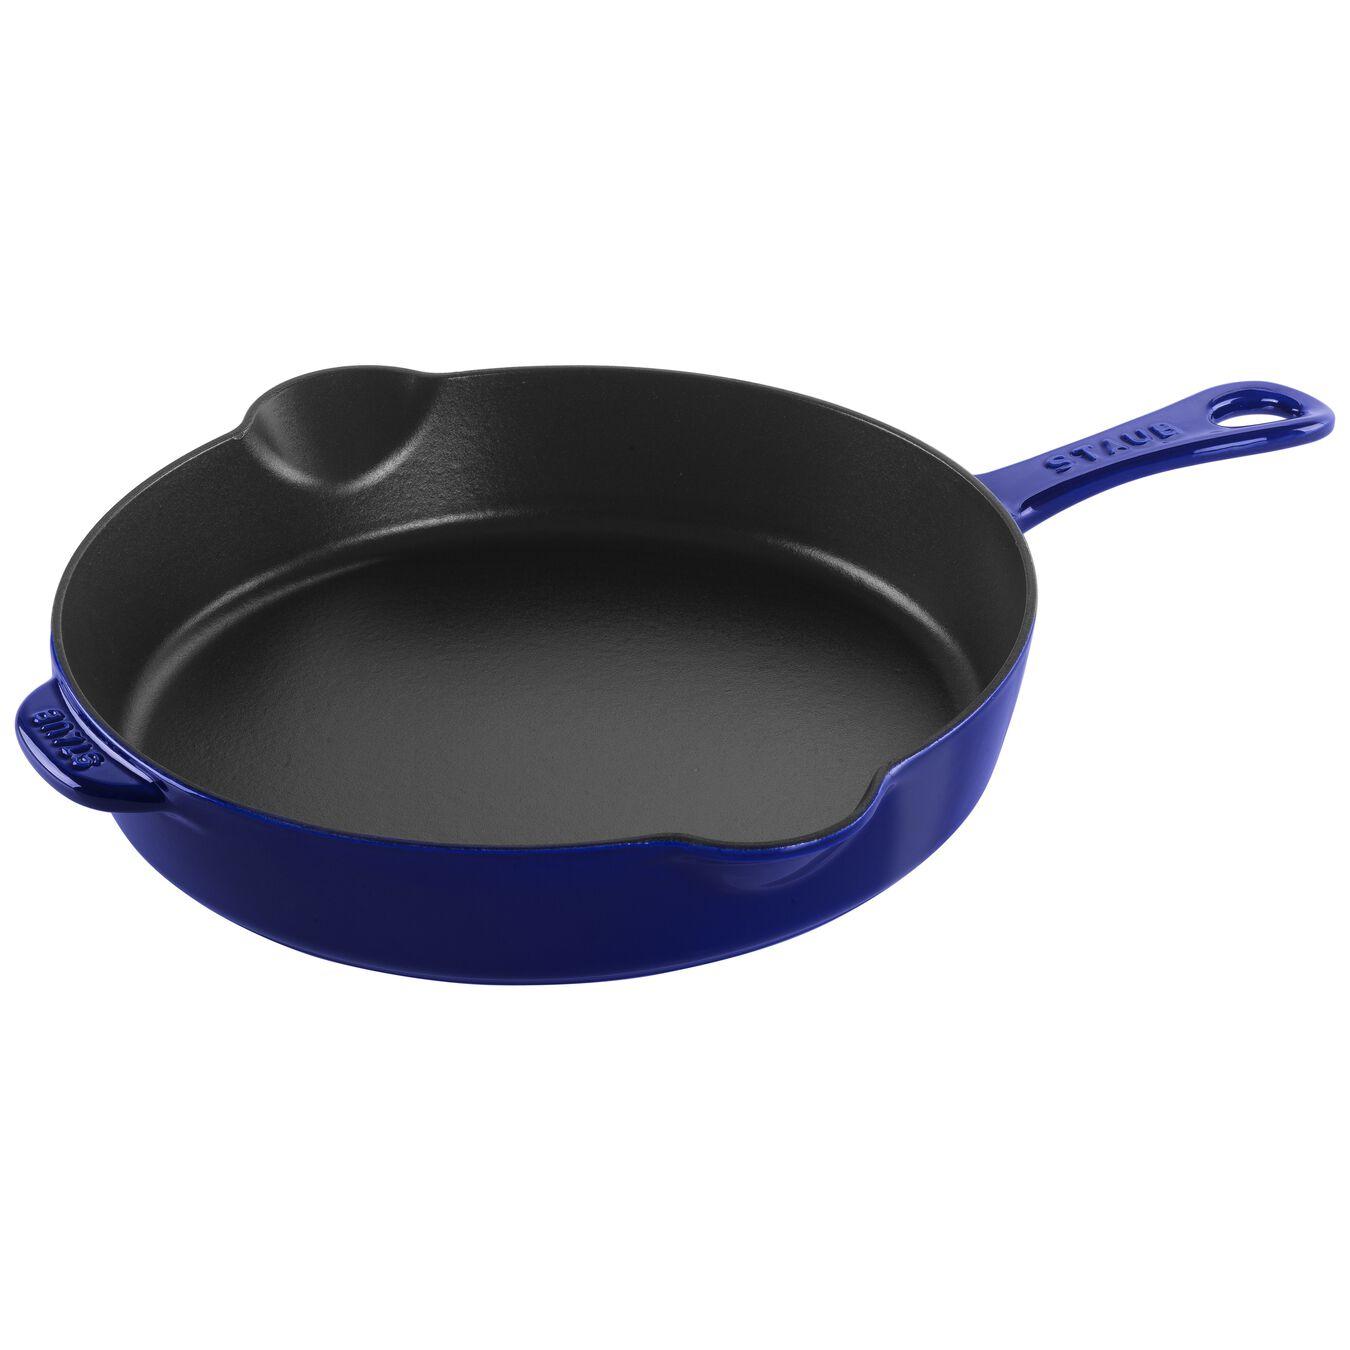 11'' Traditional Skillet - Dark Blue,,large 1